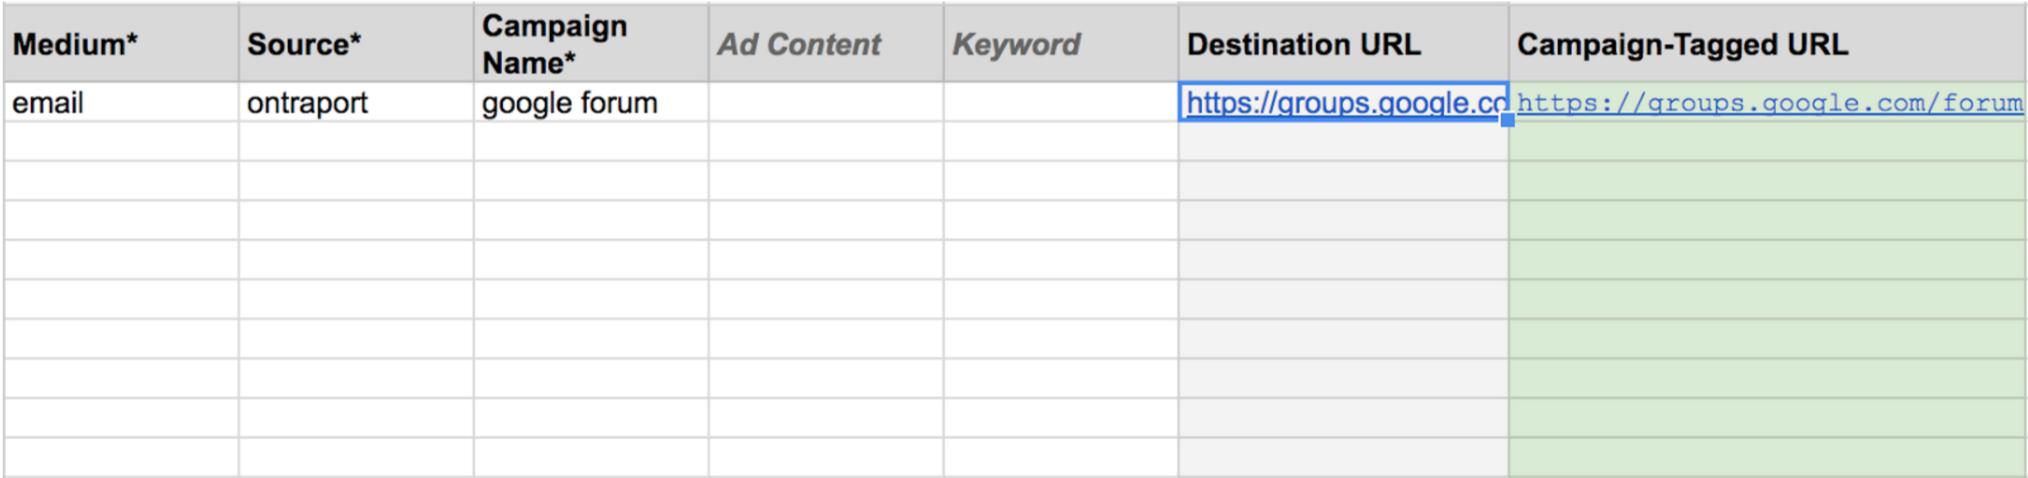 Google url builder spreadsheer sample